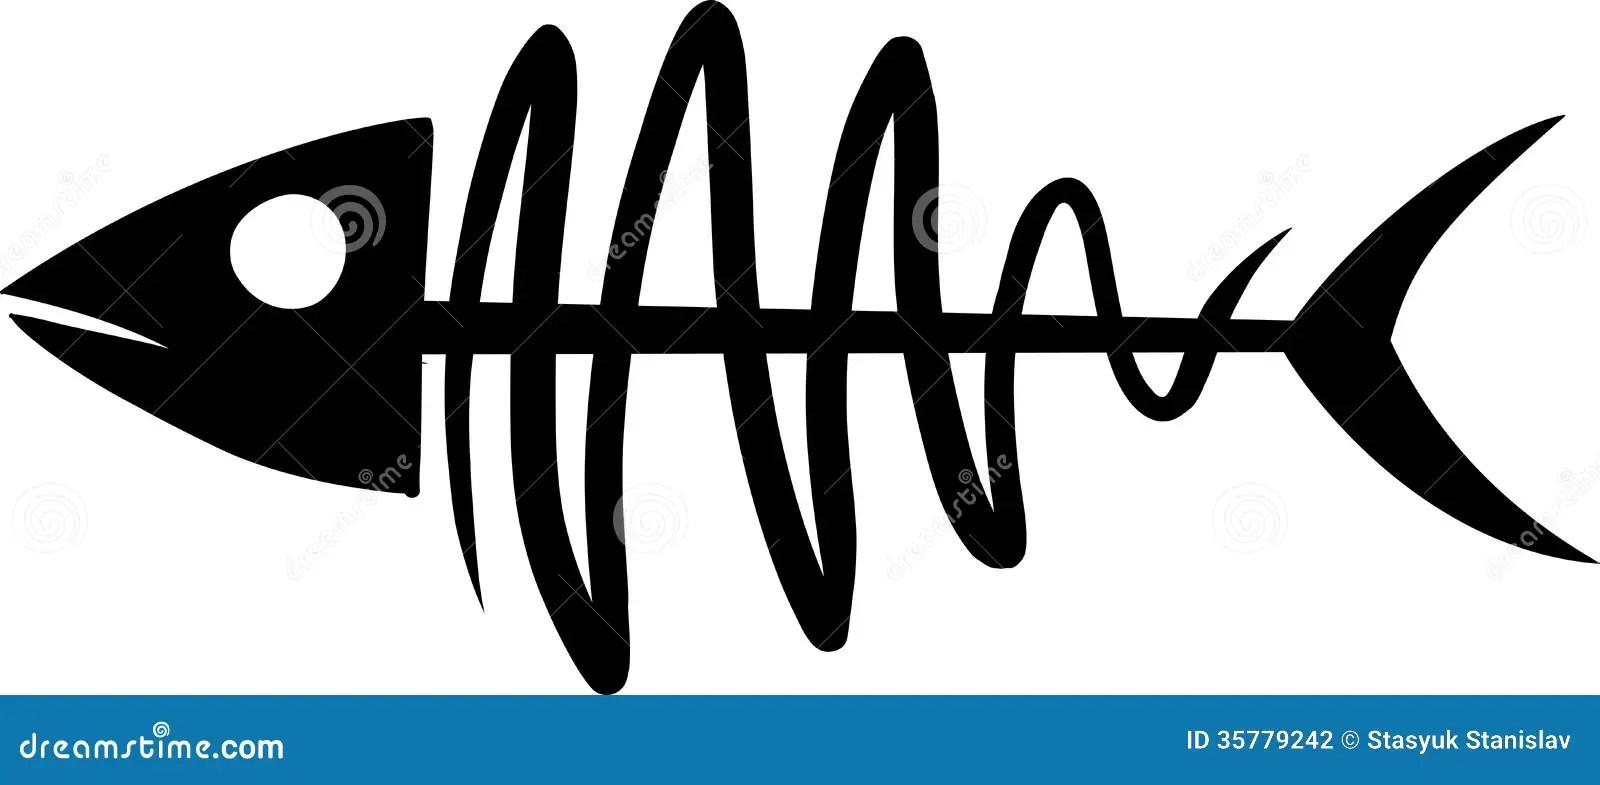 Clip Art Stencil Primitive